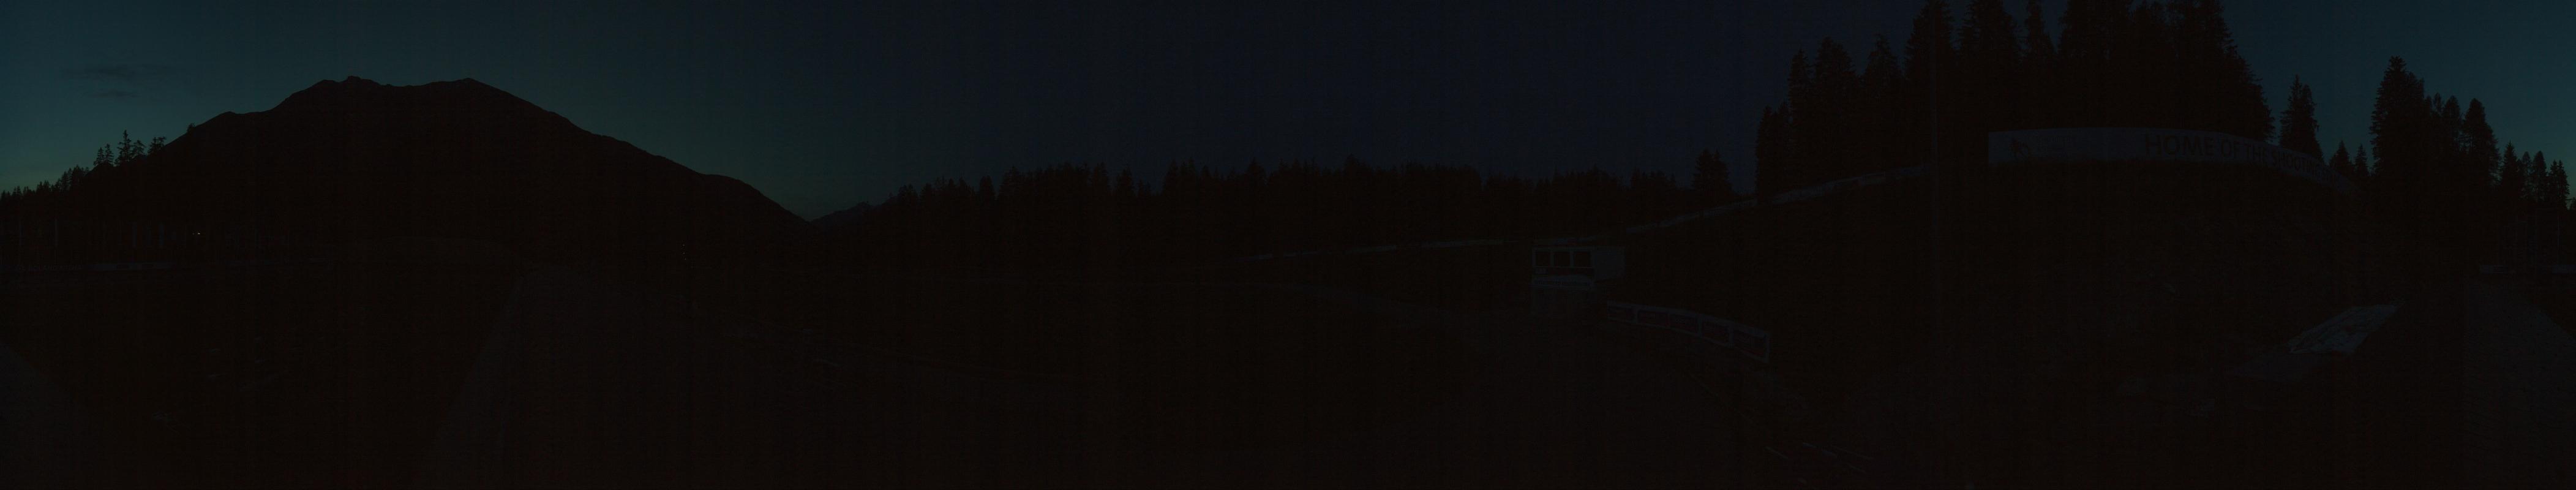 25h ago - 04:56